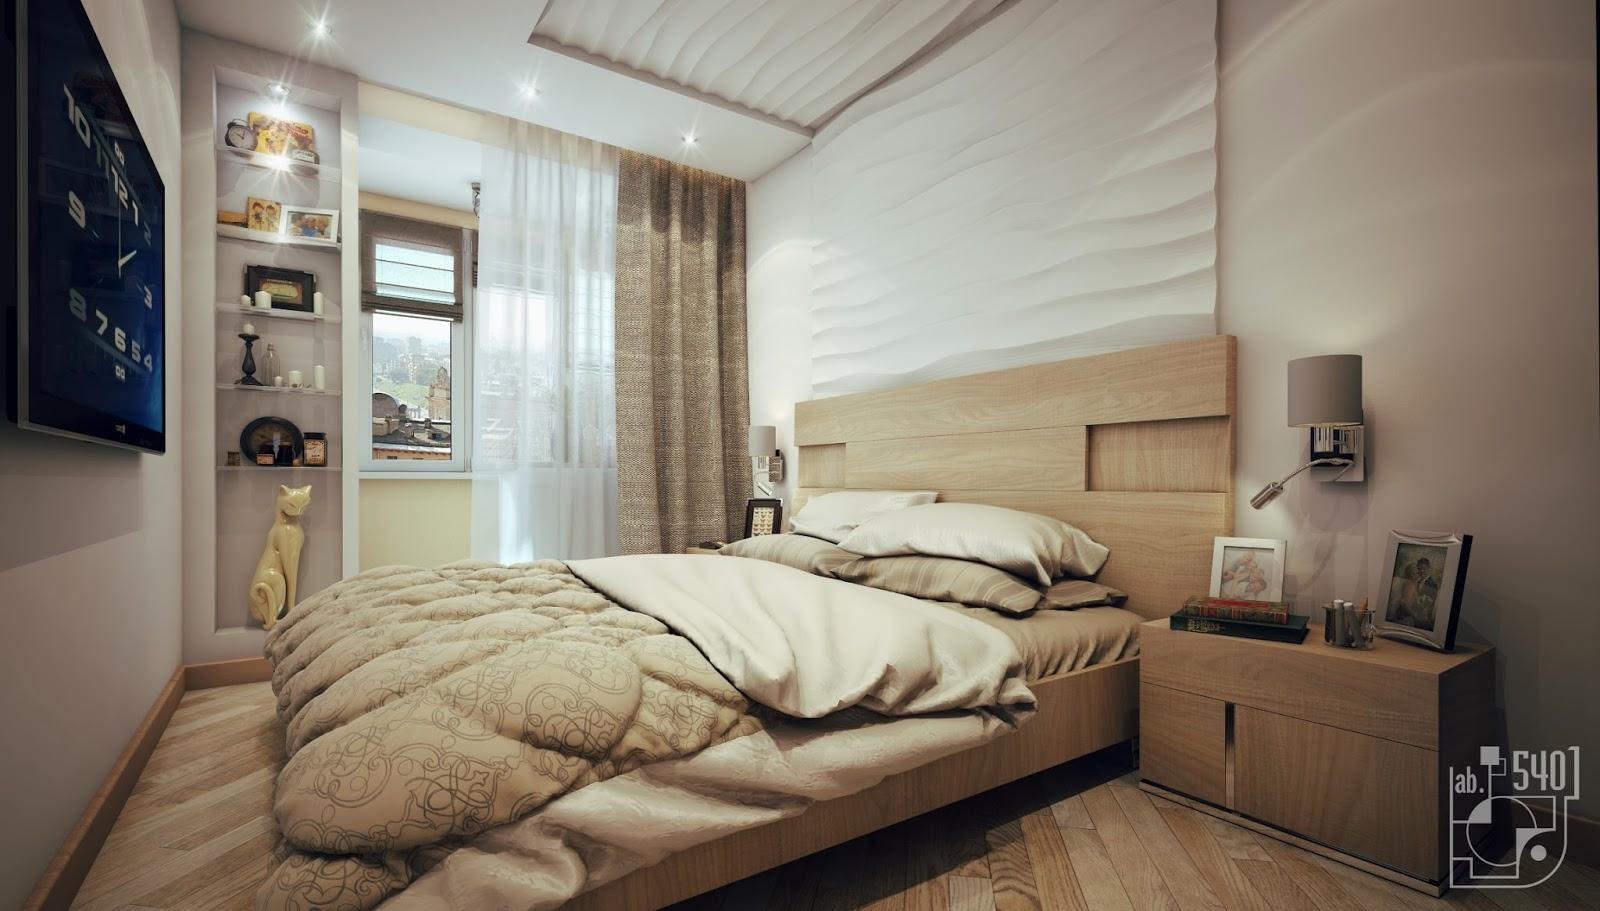 3d панели интерьере спальни - спальня интерьер фото, описани.